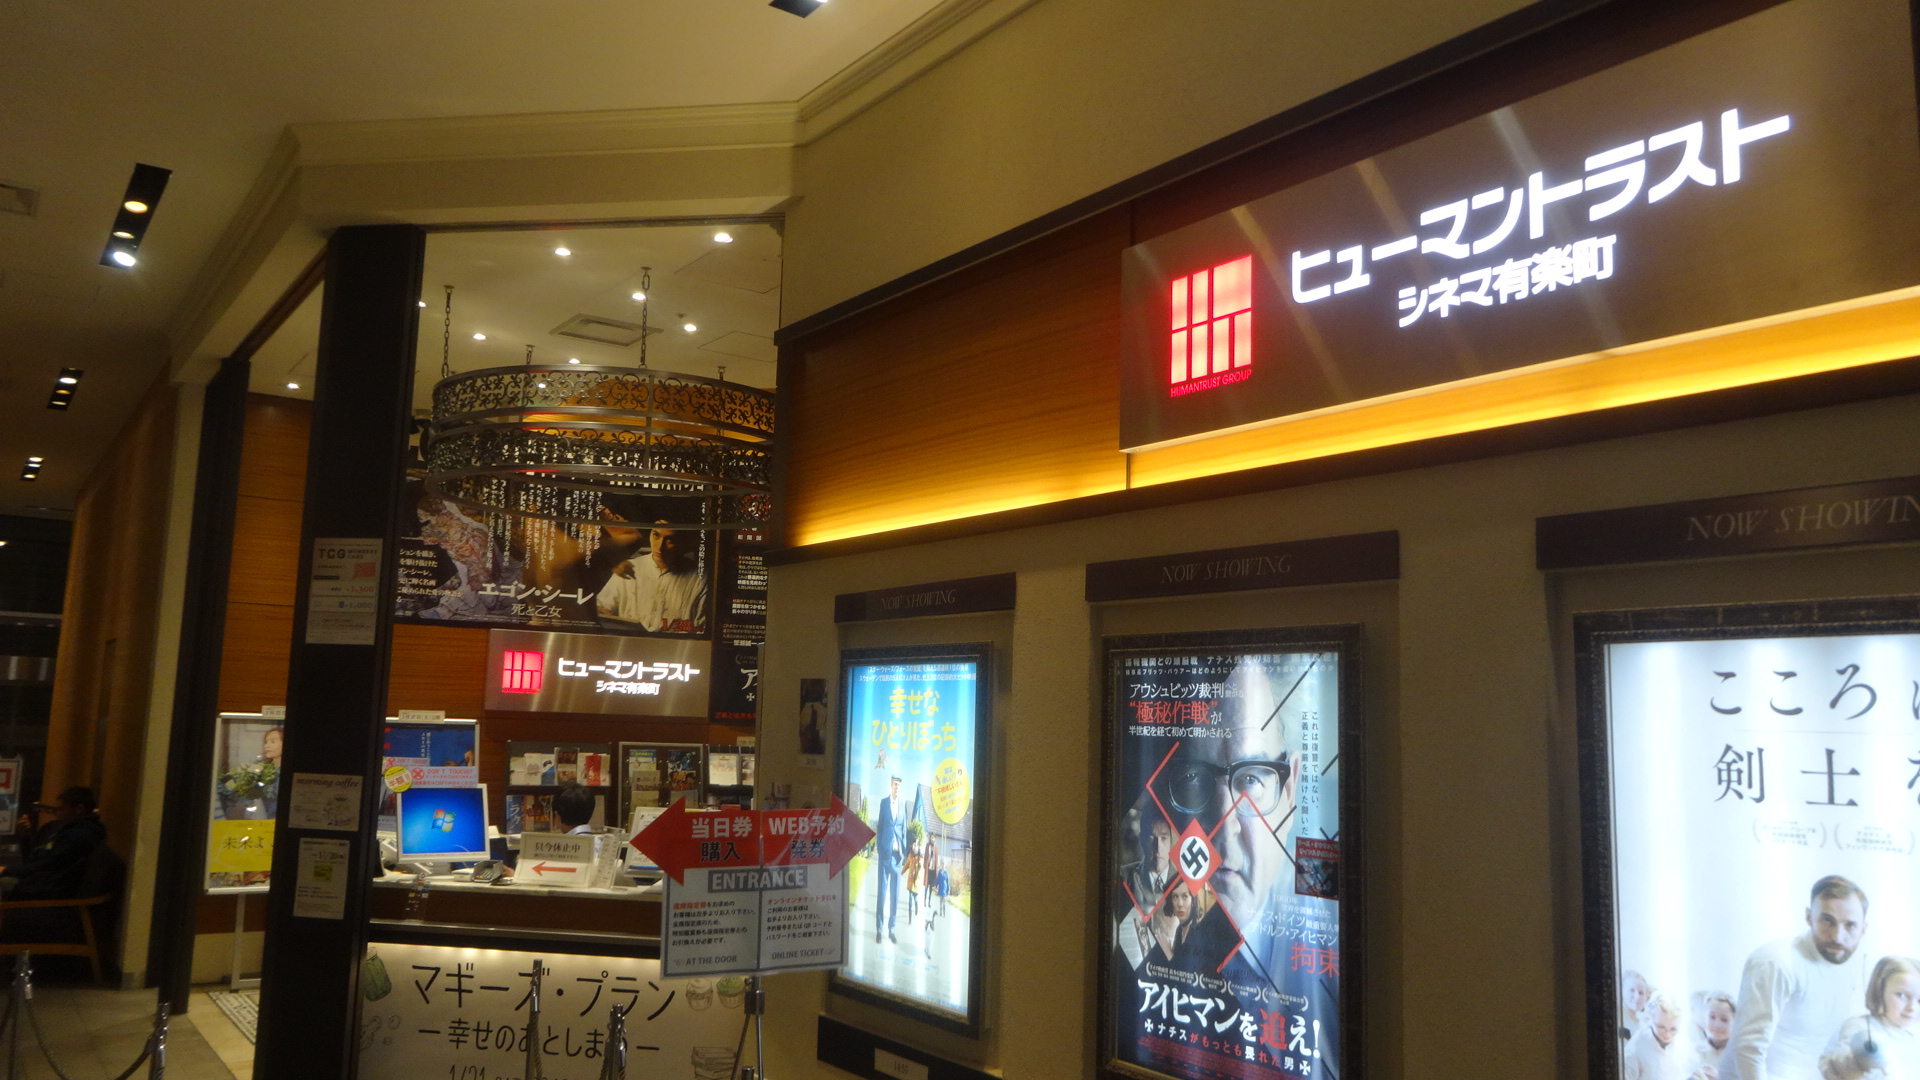 有楽町の映画館の入口